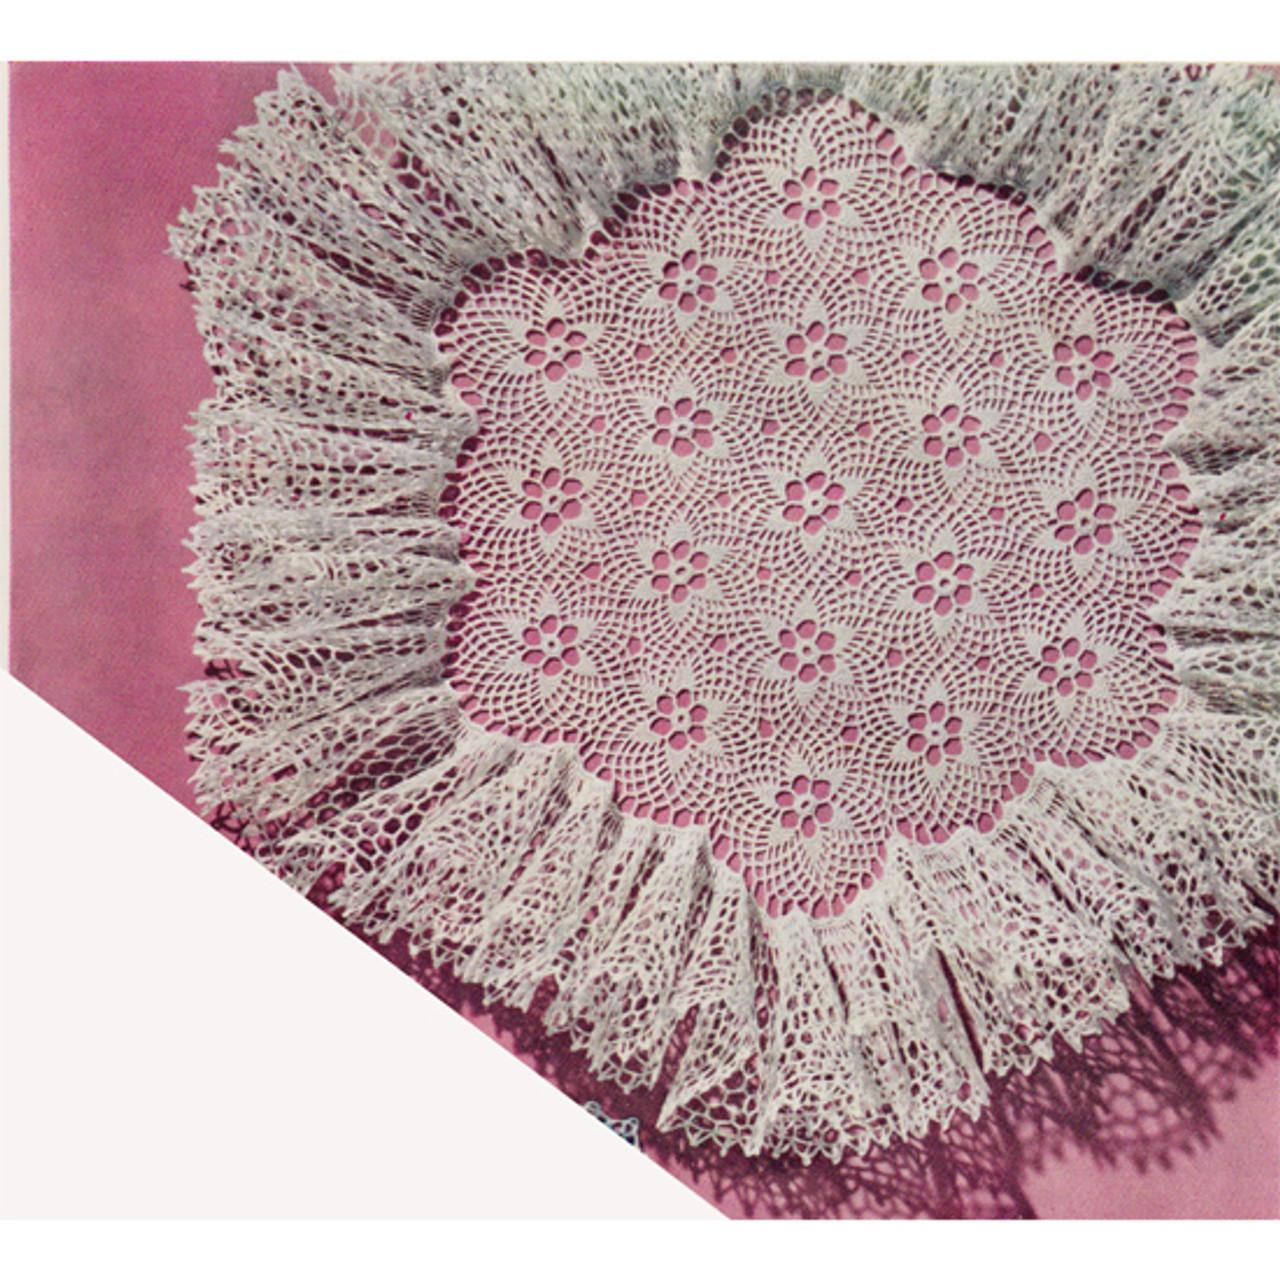 Flower Medallion Ruffled Crochet Doily Pattern